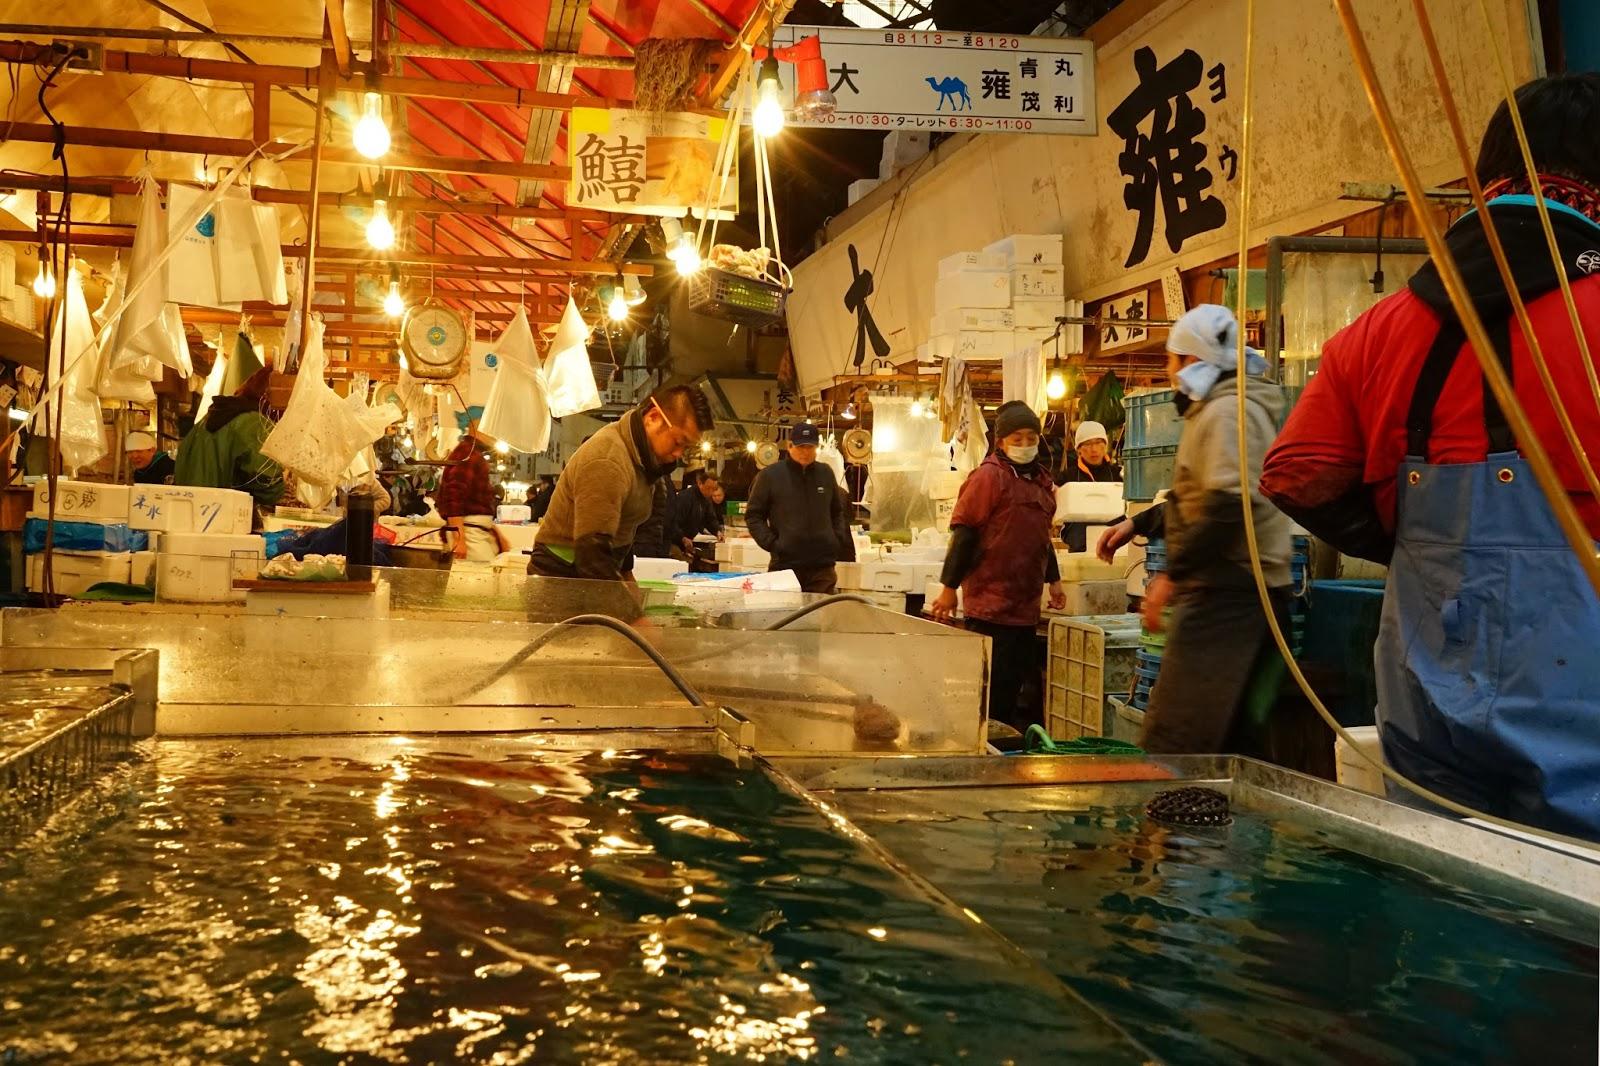 Le Chameau Bleu - Poissonnier de Tsukiji - Tokyo Japon